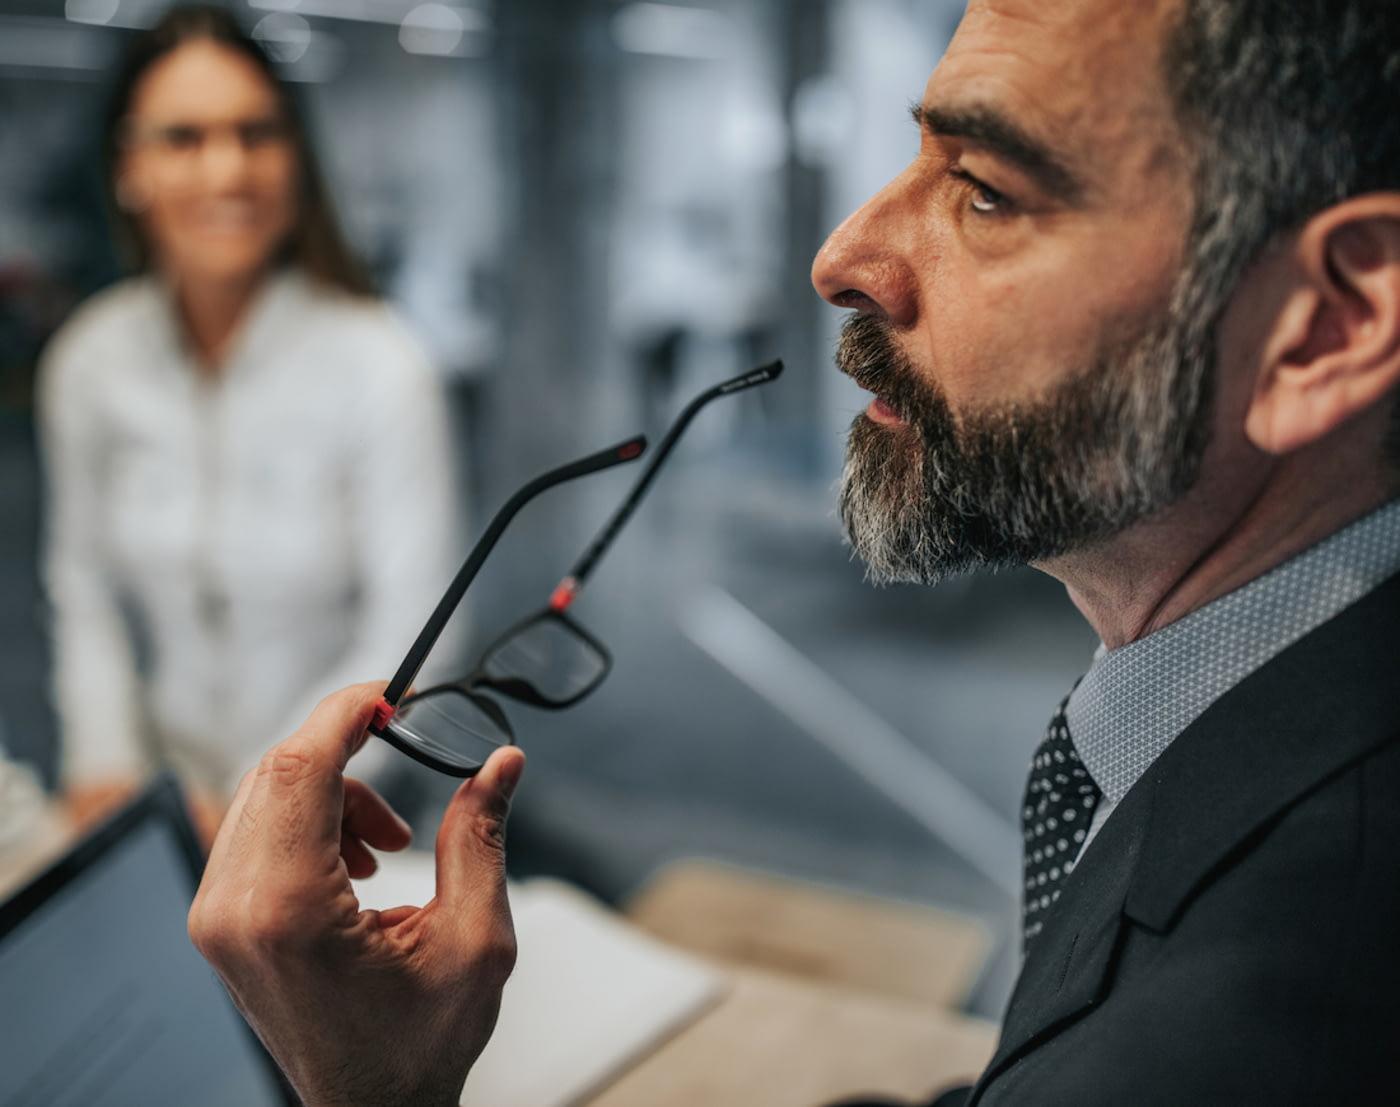 Geschäftsmann mit graumeliertem Haar und gepflegtem Bart denkt mit Brille in der Hand nach